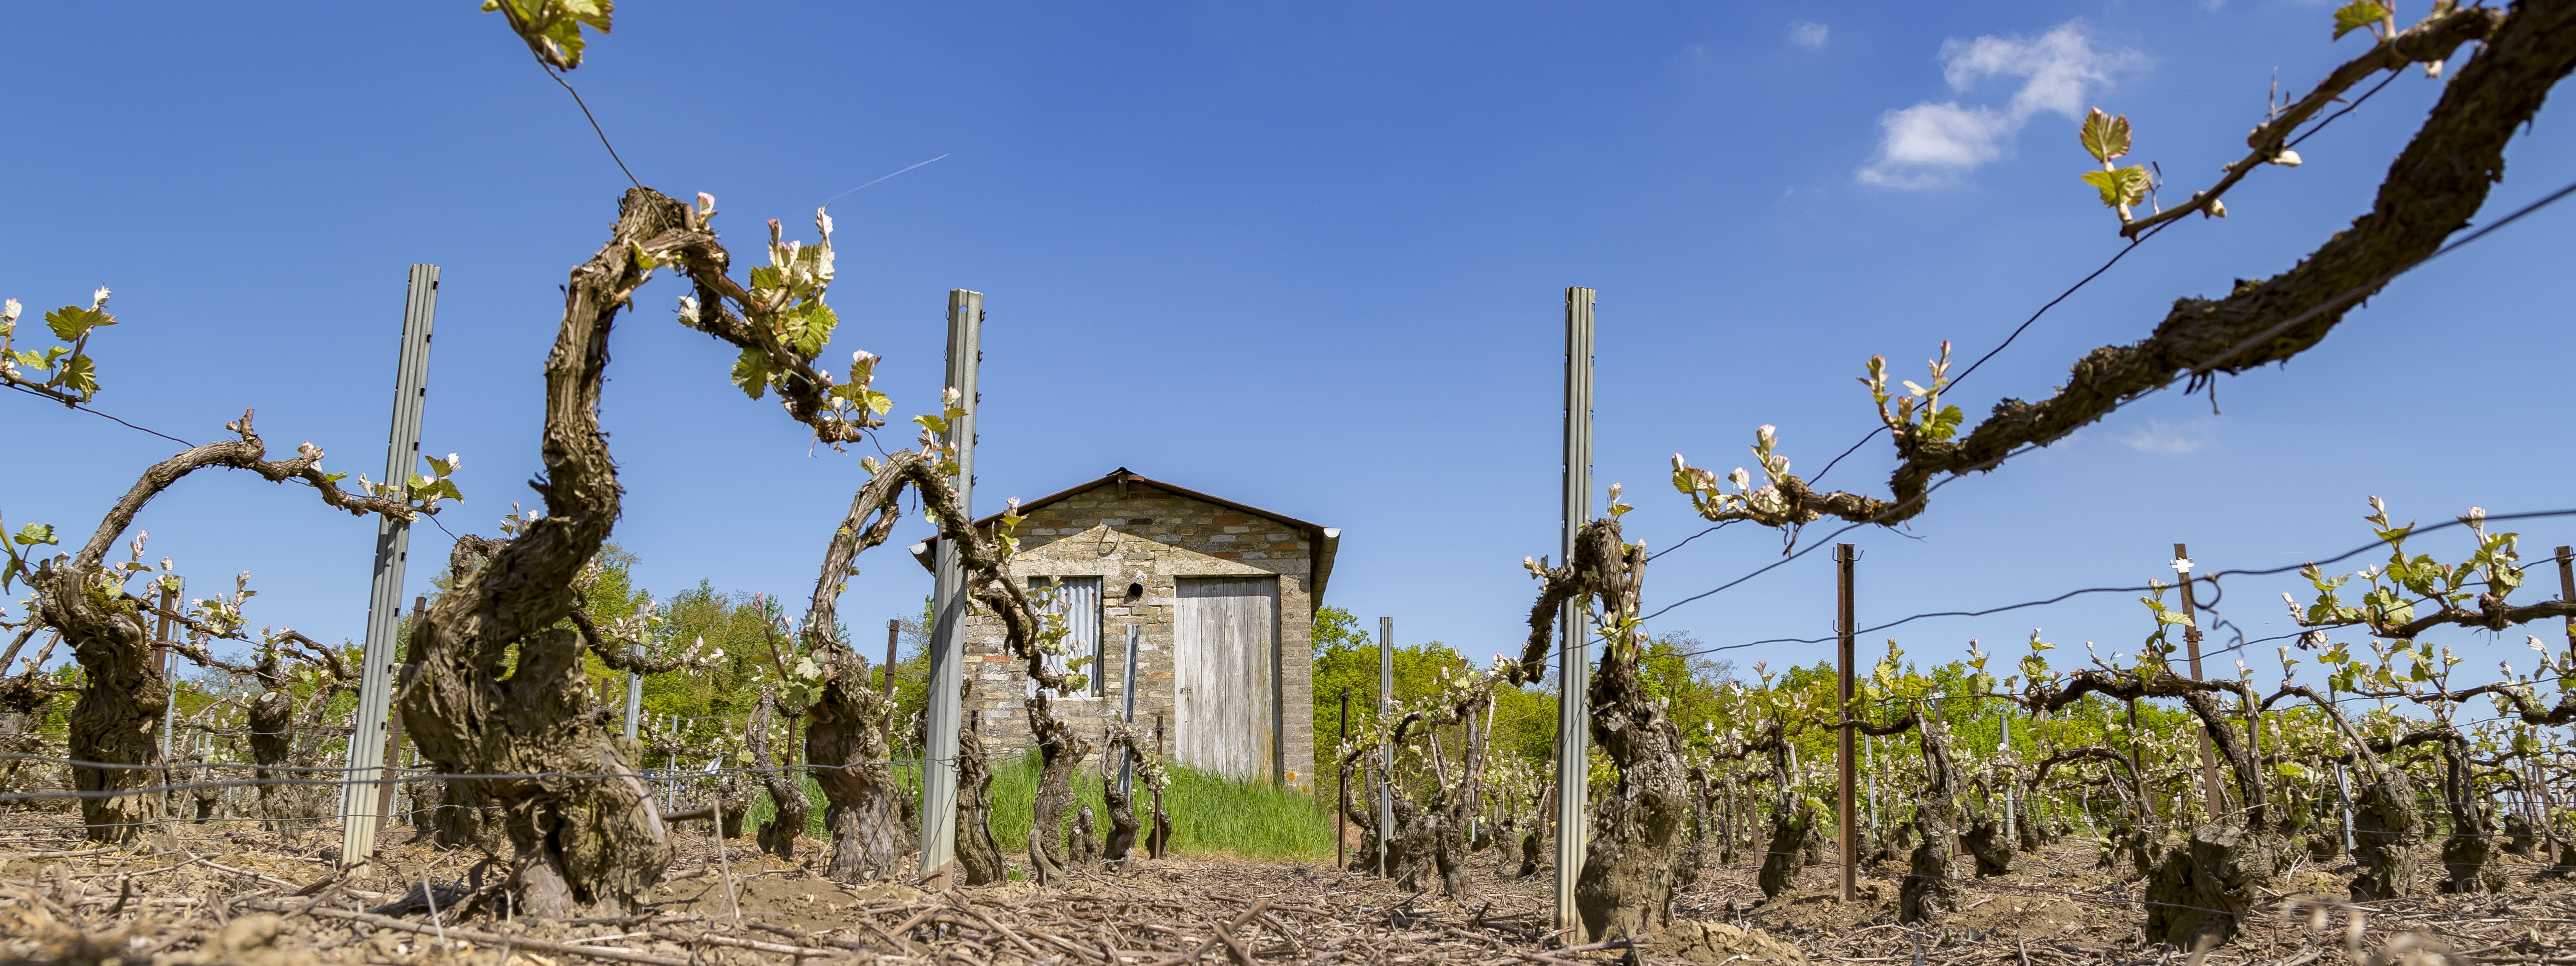 Les vignes Hotte-Schmit à l'ébourgeonnage et, au fond, une petite cabane en pierre